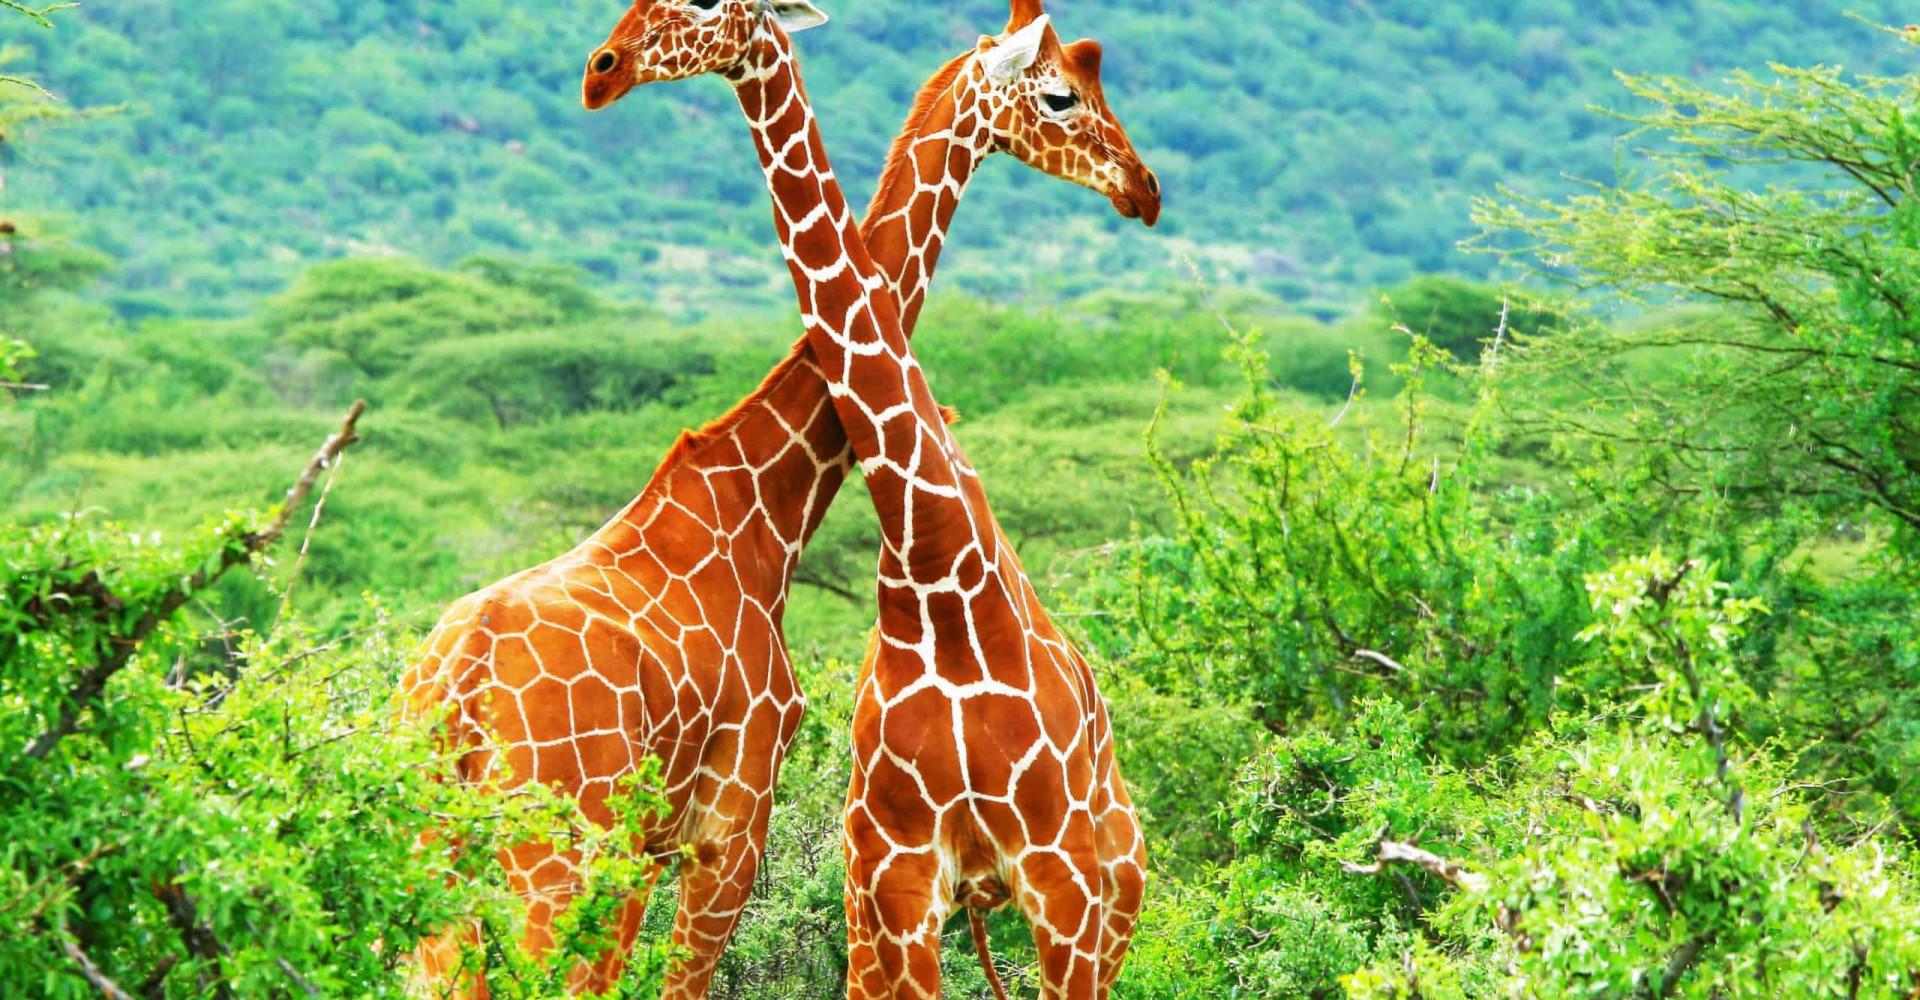 Die verrücktesten Paarungsrituale im Tierreich